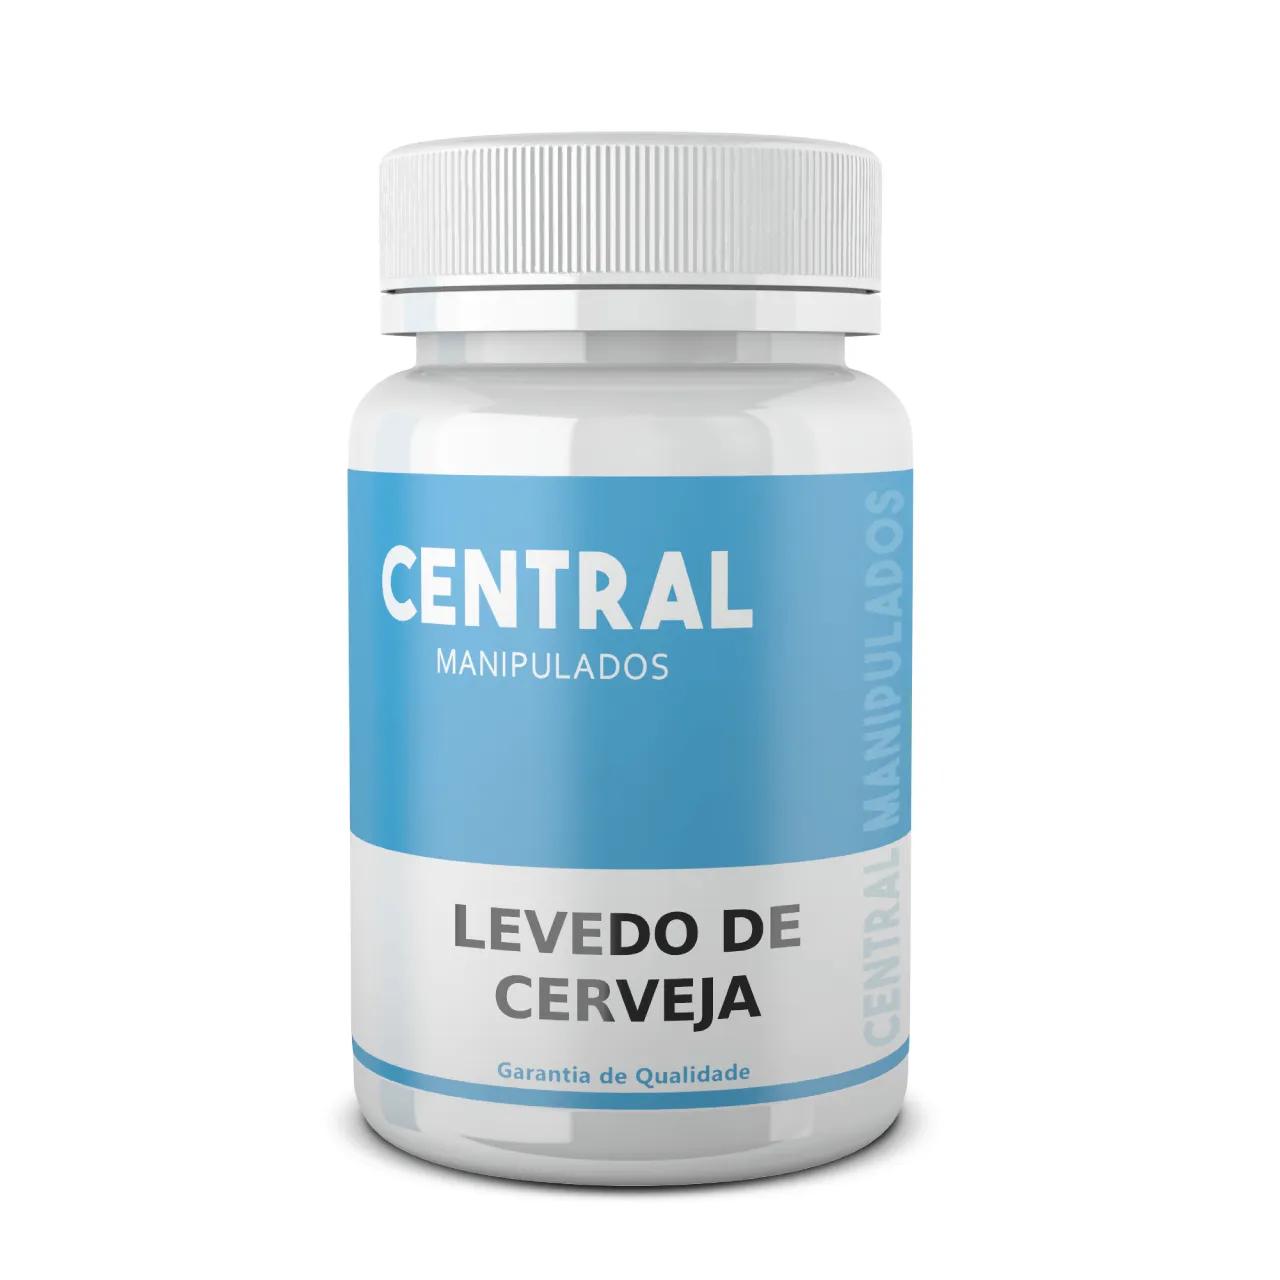 Levedo de cerveja 500mg - 30 cápsulas - Alto teor de proteínas, fibras e vitaminas, Indicada para diabetes, Protetor do sistema nervoso